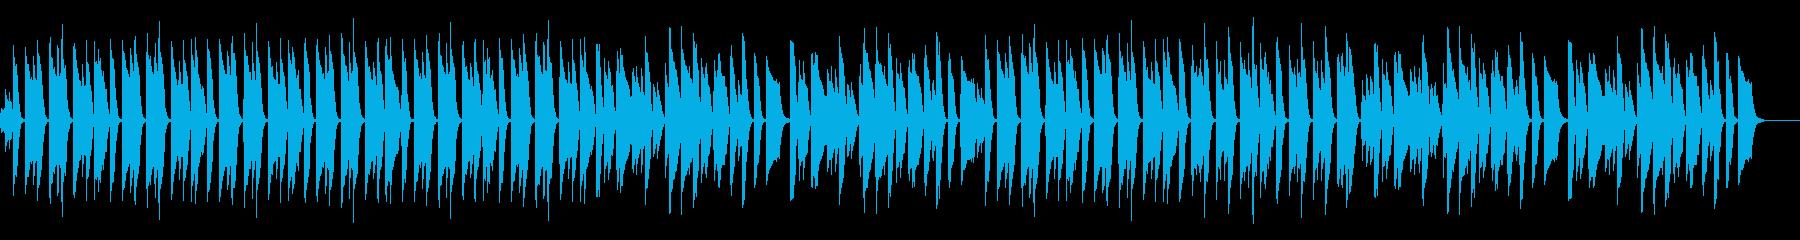 シンプルで温かみのある明るいピアノ曲の再生済みの波形